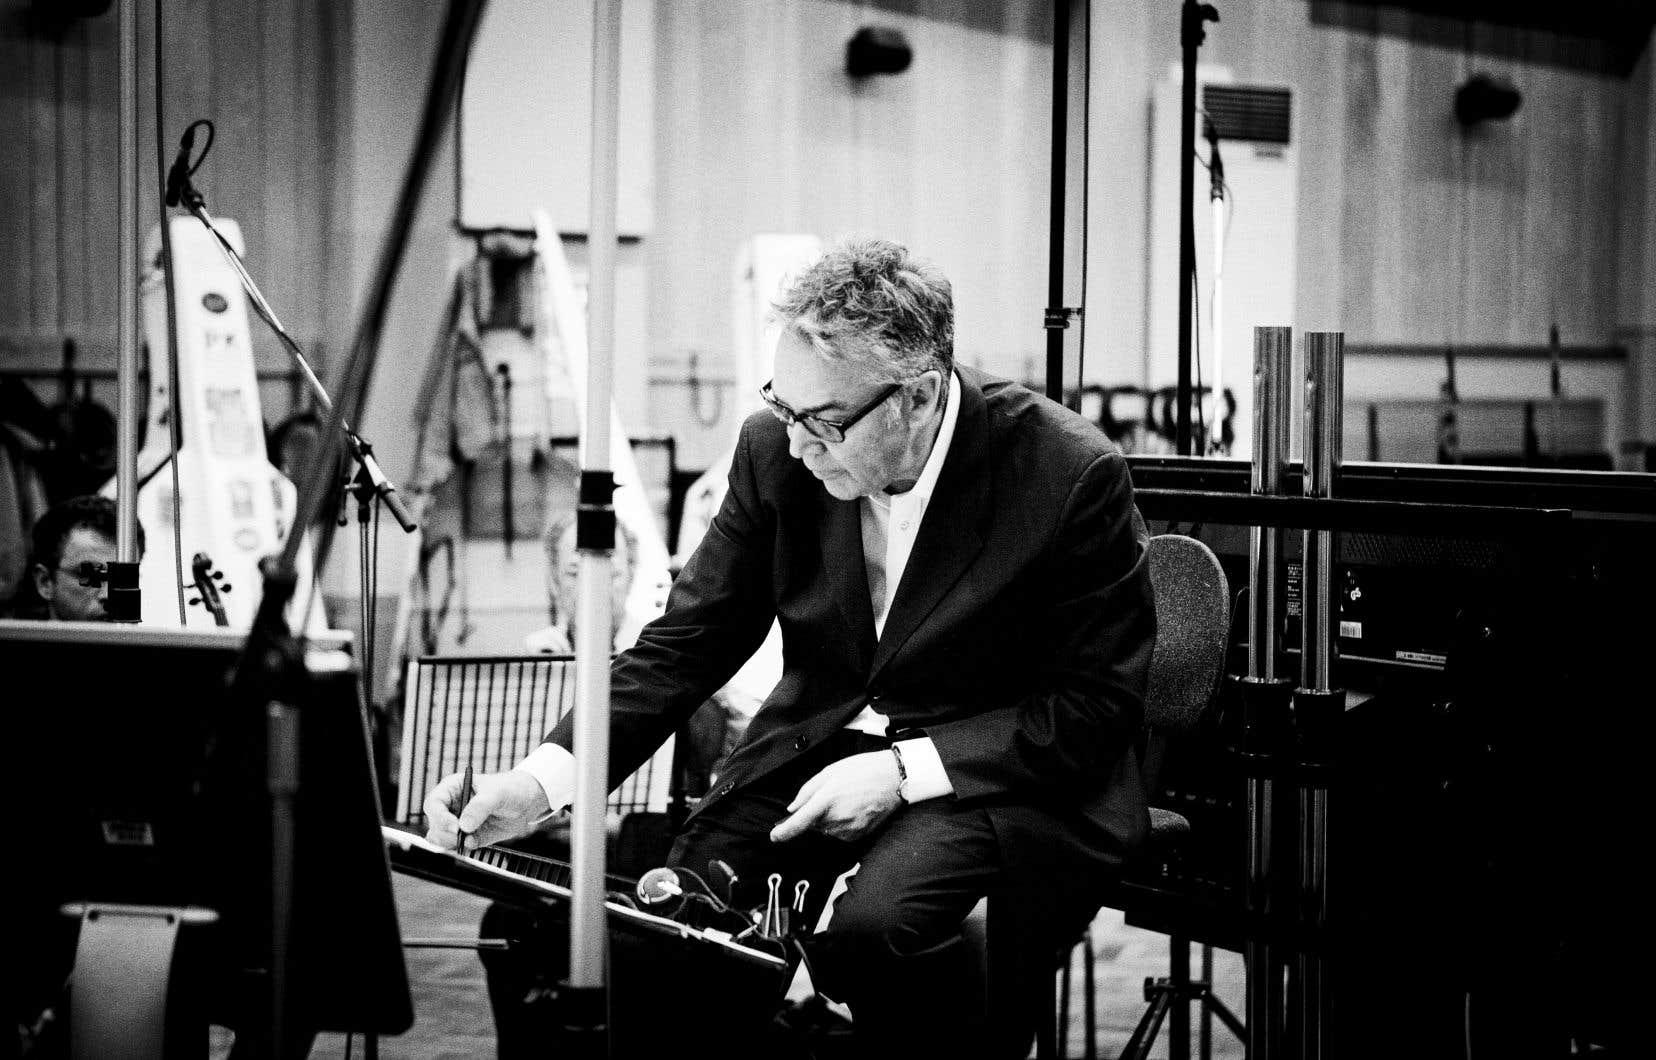 Devant être créé fin janvier 2017, le concerto du compositeur né à Toronto il y a 72ans sera entendu pour la première fois mercredi.